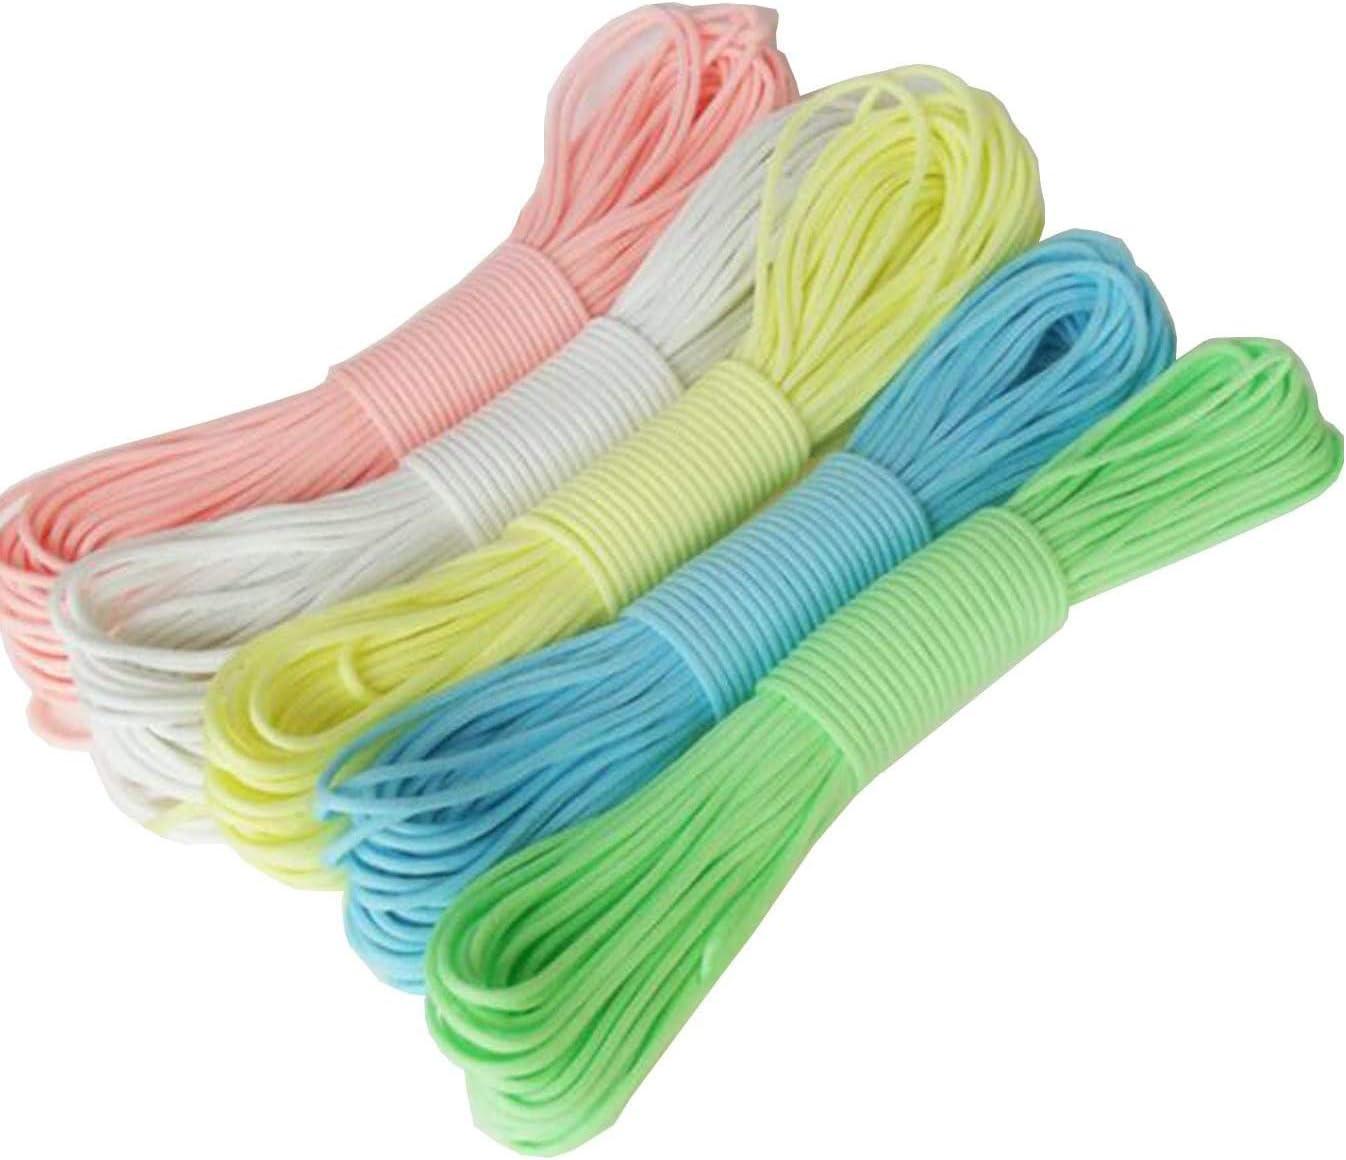 UOOOM Lot de Corde de Nylon et Multifonction Fermoirs /à clip pour DIY Corde de Parachute Paracorde Bracelet Style A